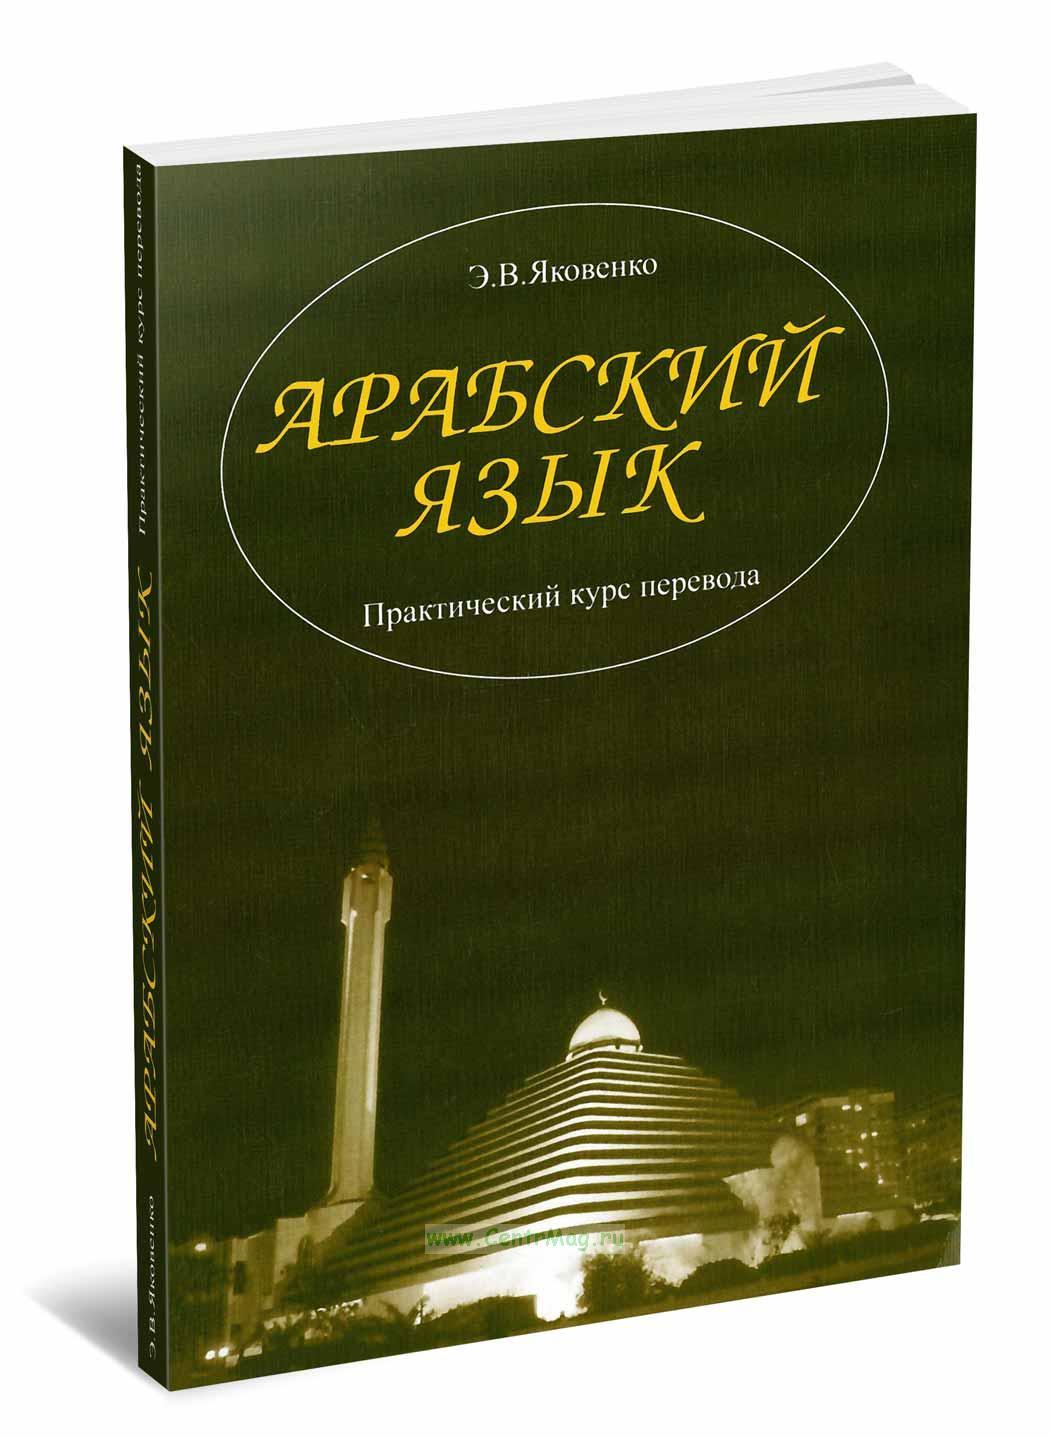 Арабский язык. Практический курс перевода. (3-е издание, исправленное) с CD